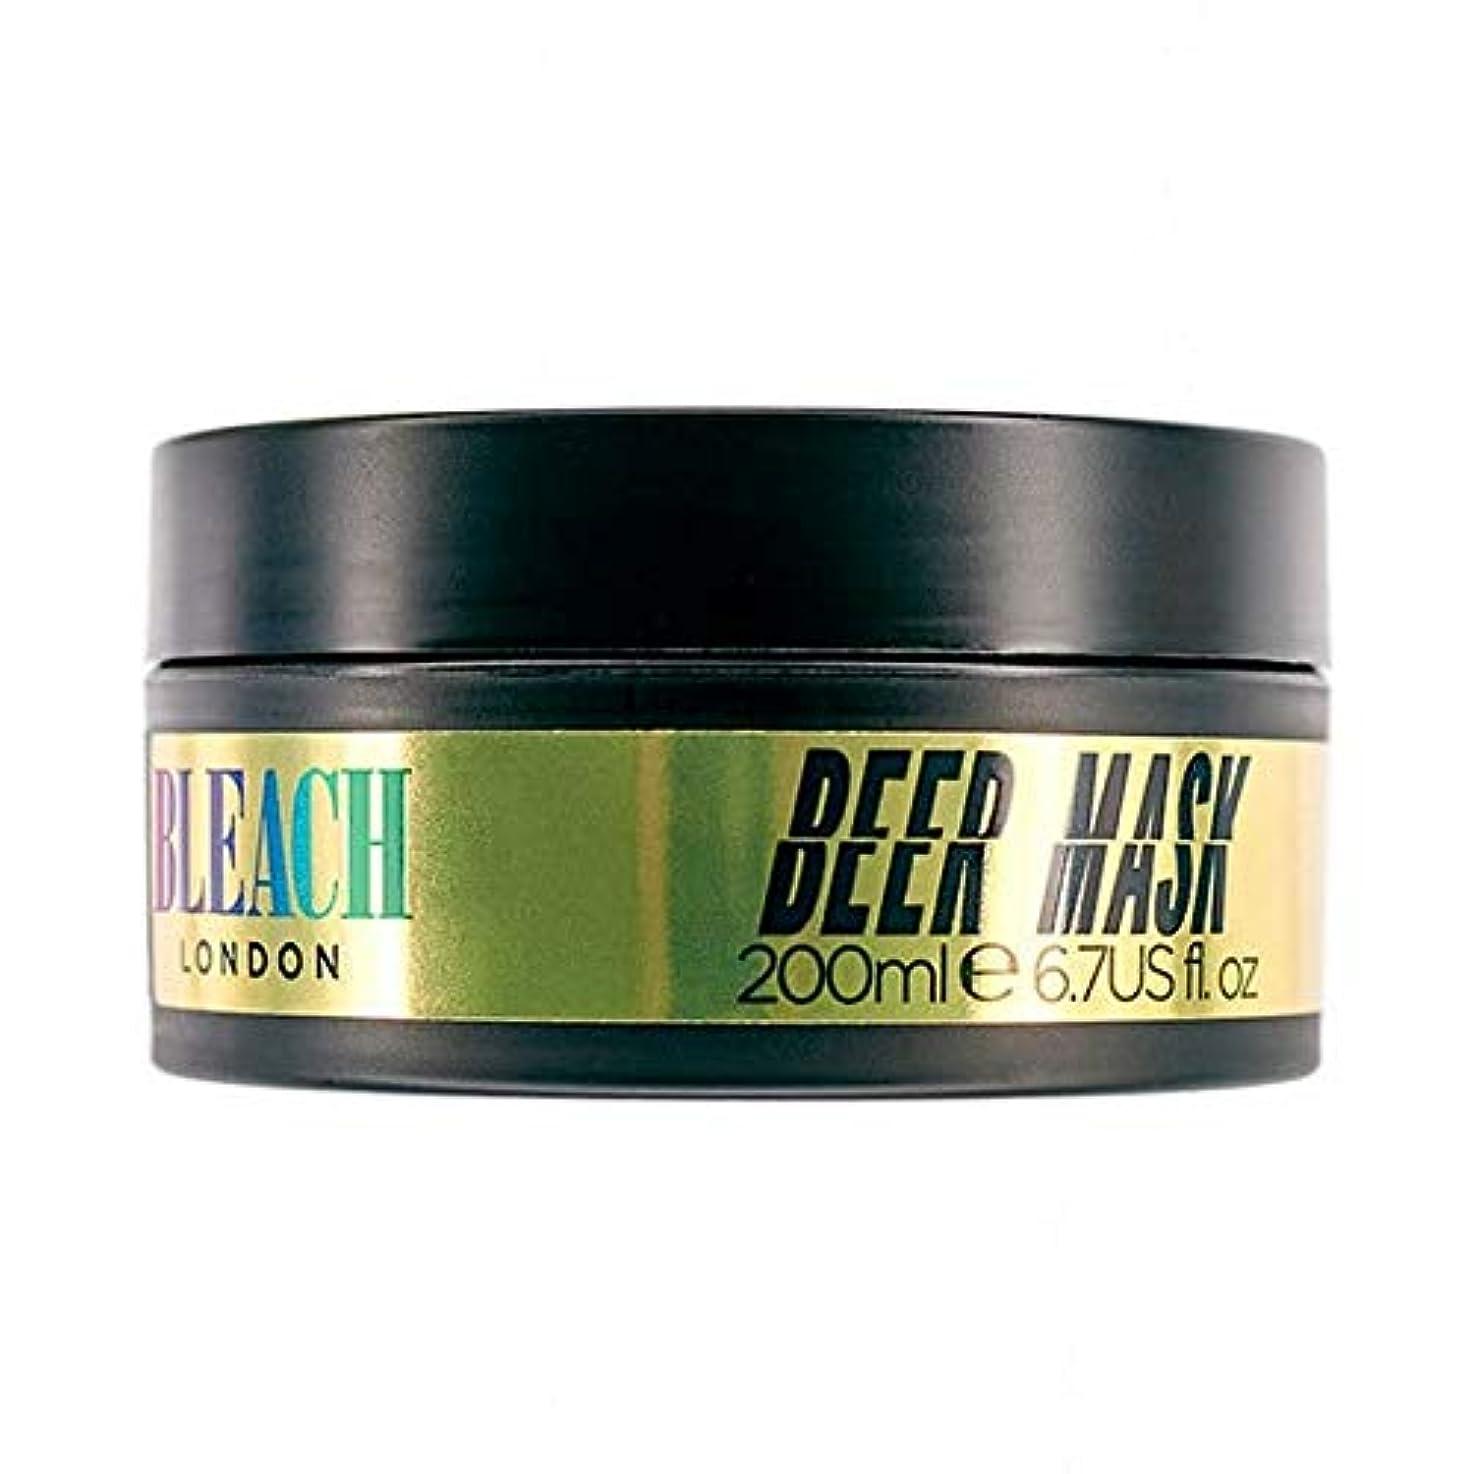 荒廃する考えた出口[Bleach London ] 漂白ロンドンビールマスク200ミリリットル - Bleach London Beer Mask 200ml [並行輸入品]